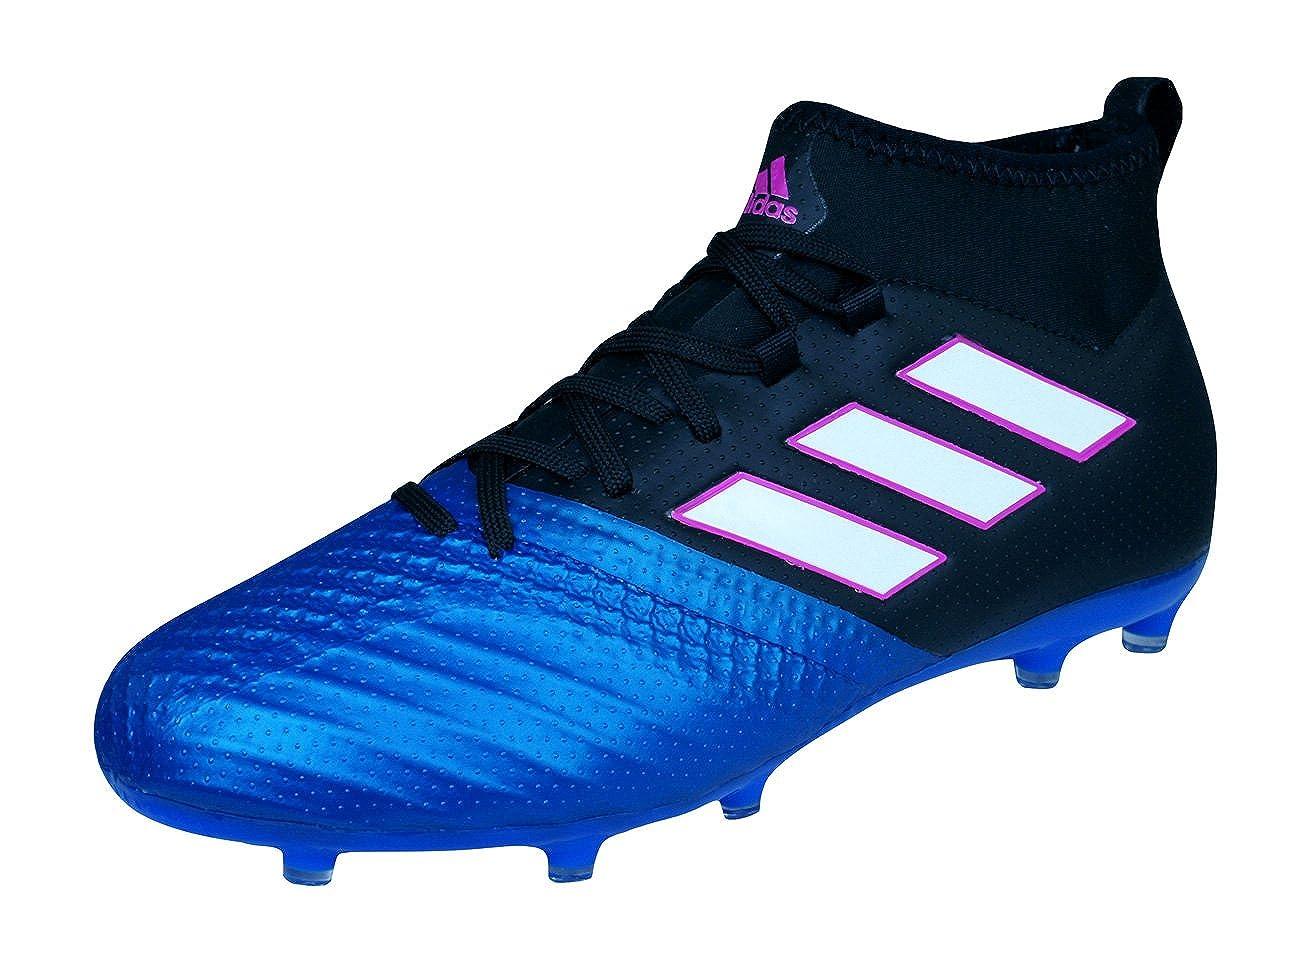 Adidas Jungen Ace 17.1 Fußballschuhe